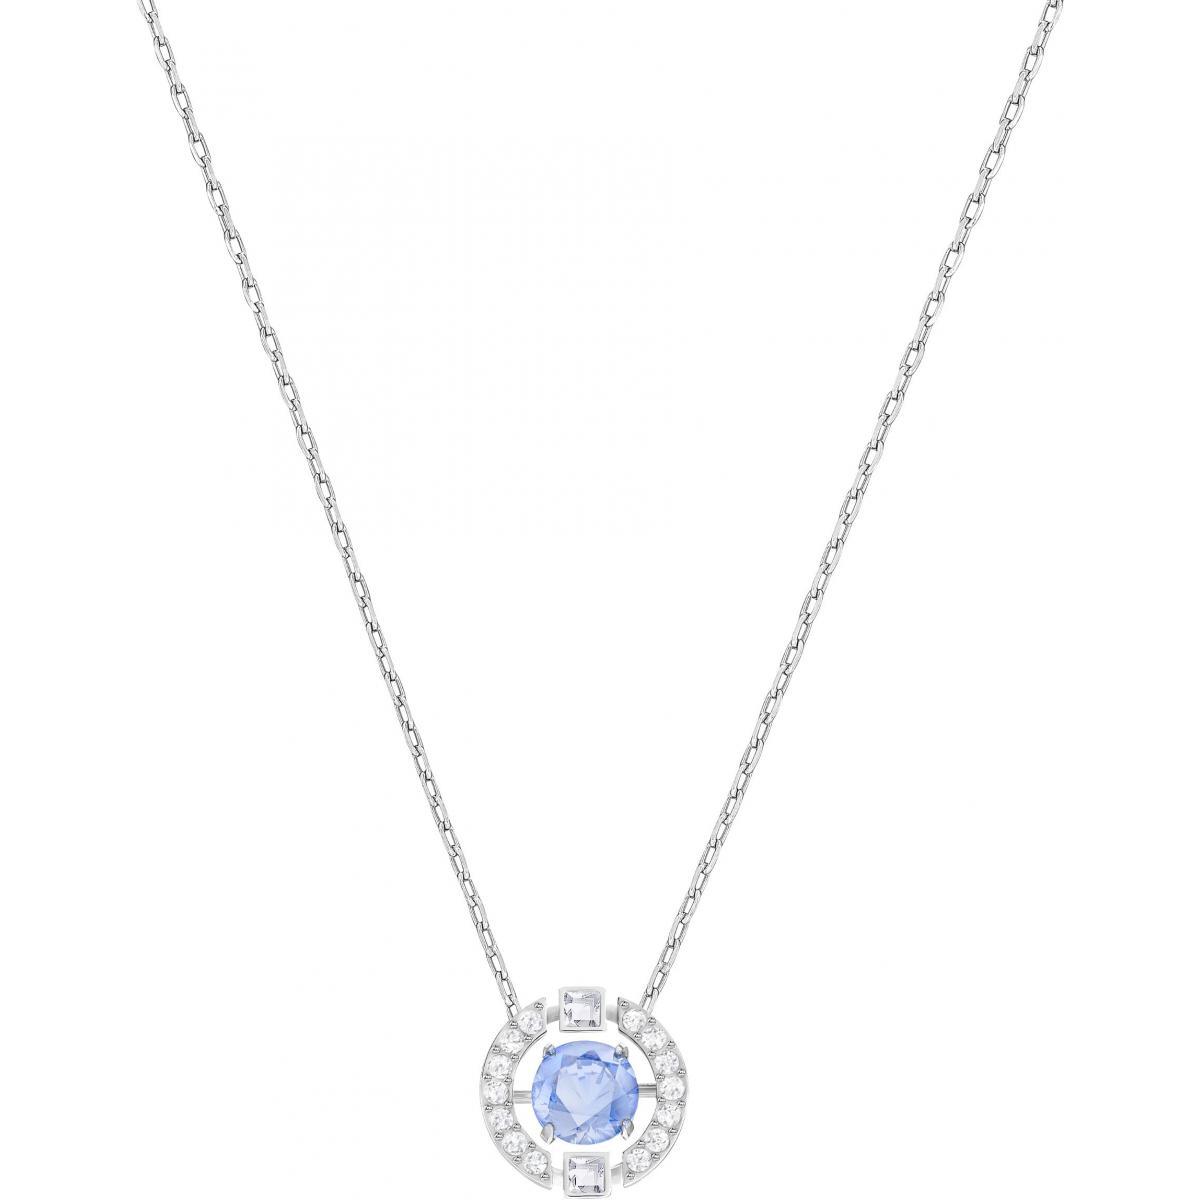 Collier et pendentif Swarovski 5279425 - Collier et pendentif Acier Cristal  Bleu Femme